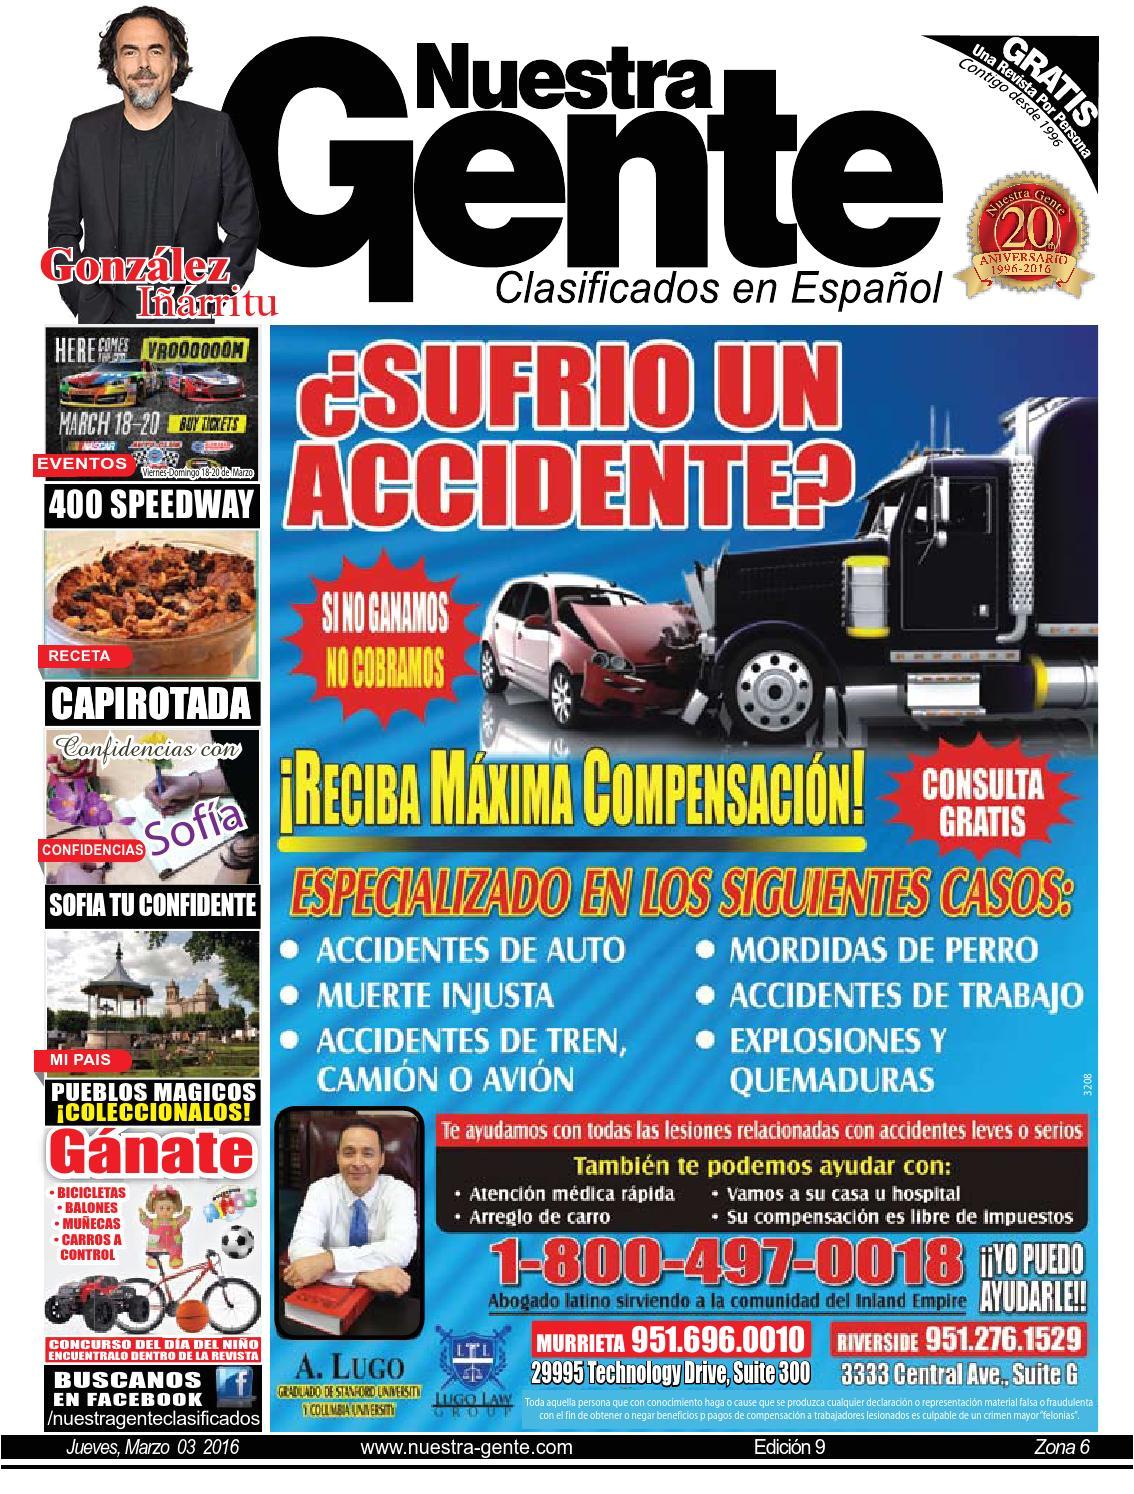 Venta De Carritos Para Tacos De Birria En Tijuana Nuestra Gente 2016 Edicion 9 Zona 6 by Nuestra Gente issuu